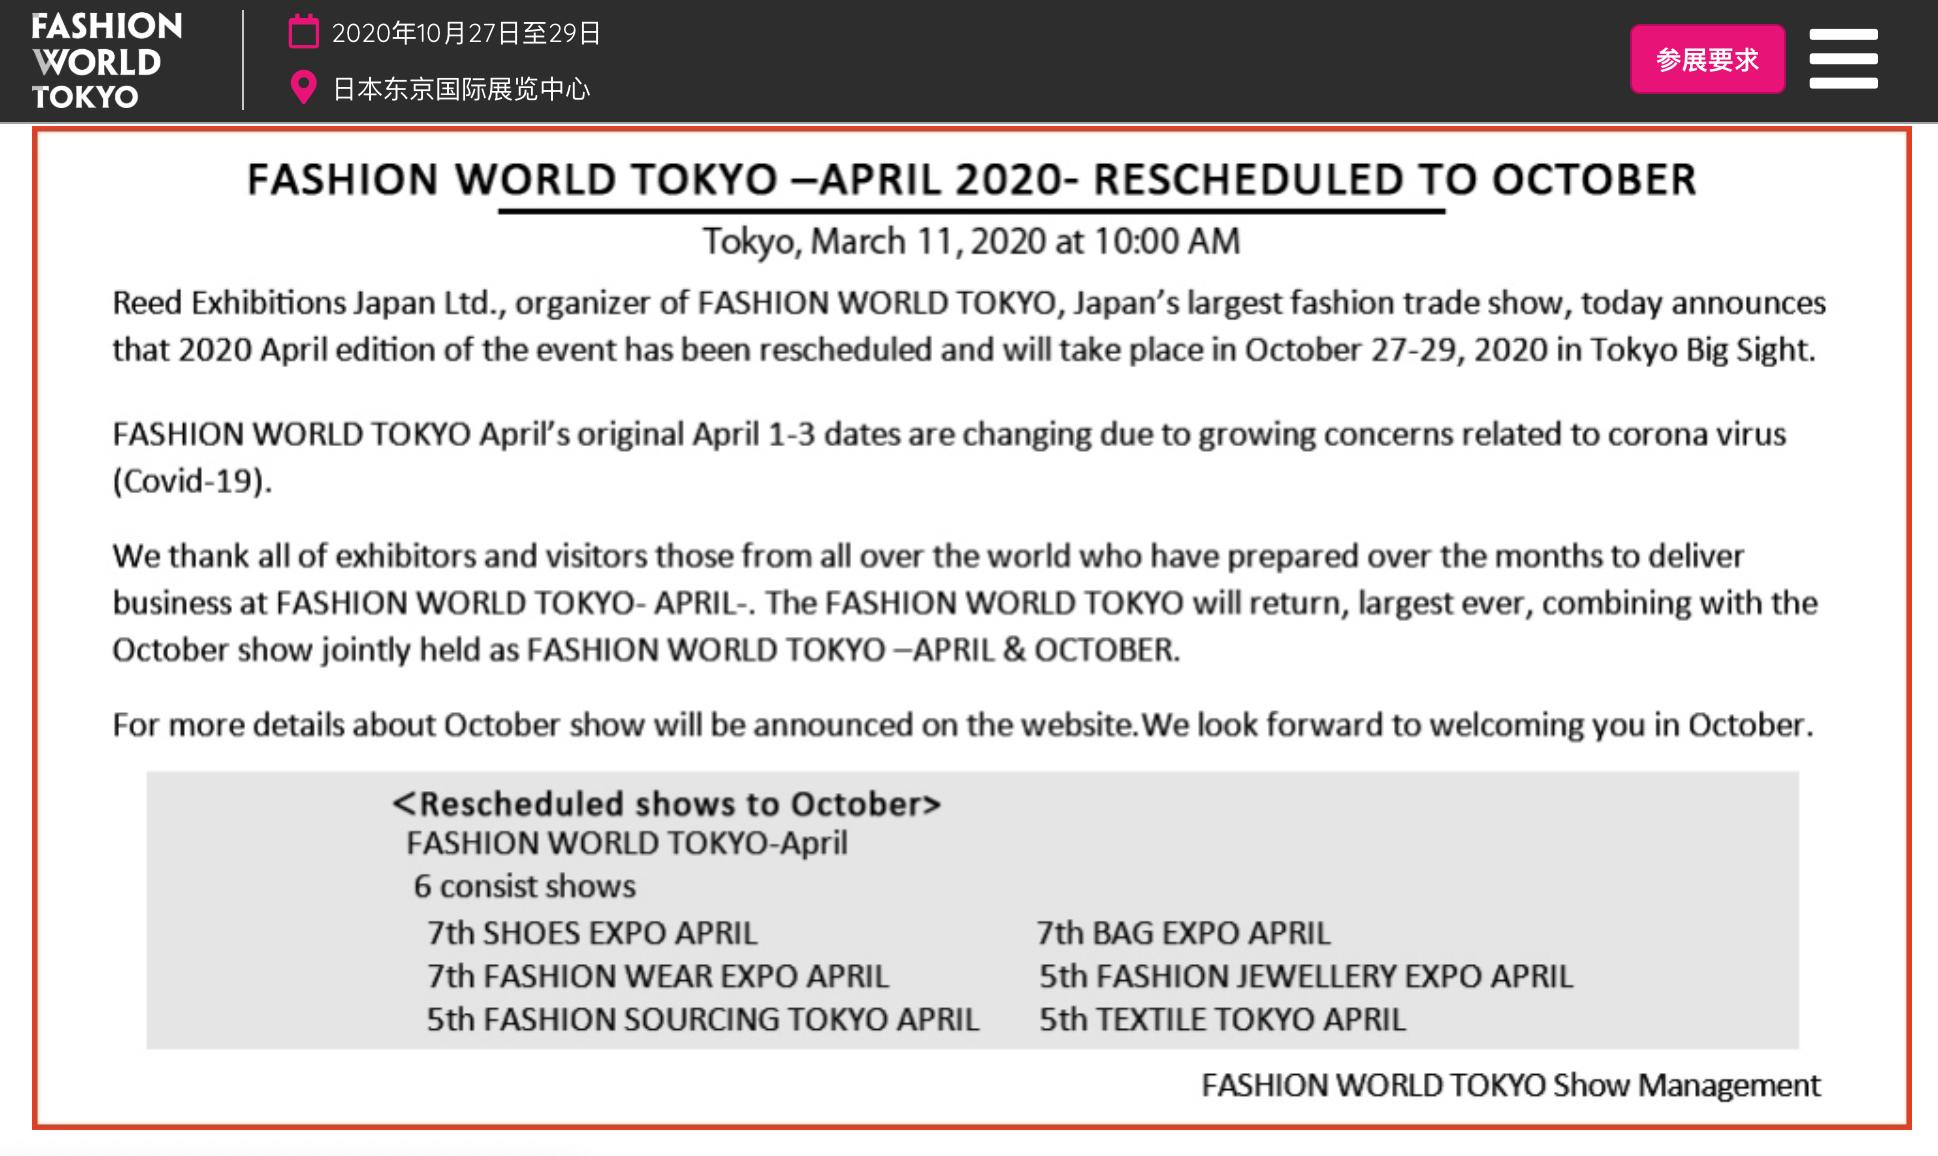 最新通知:日本東京國際服裝服飾展Fashion World Tokyo將于10月秋季展合并舉辦